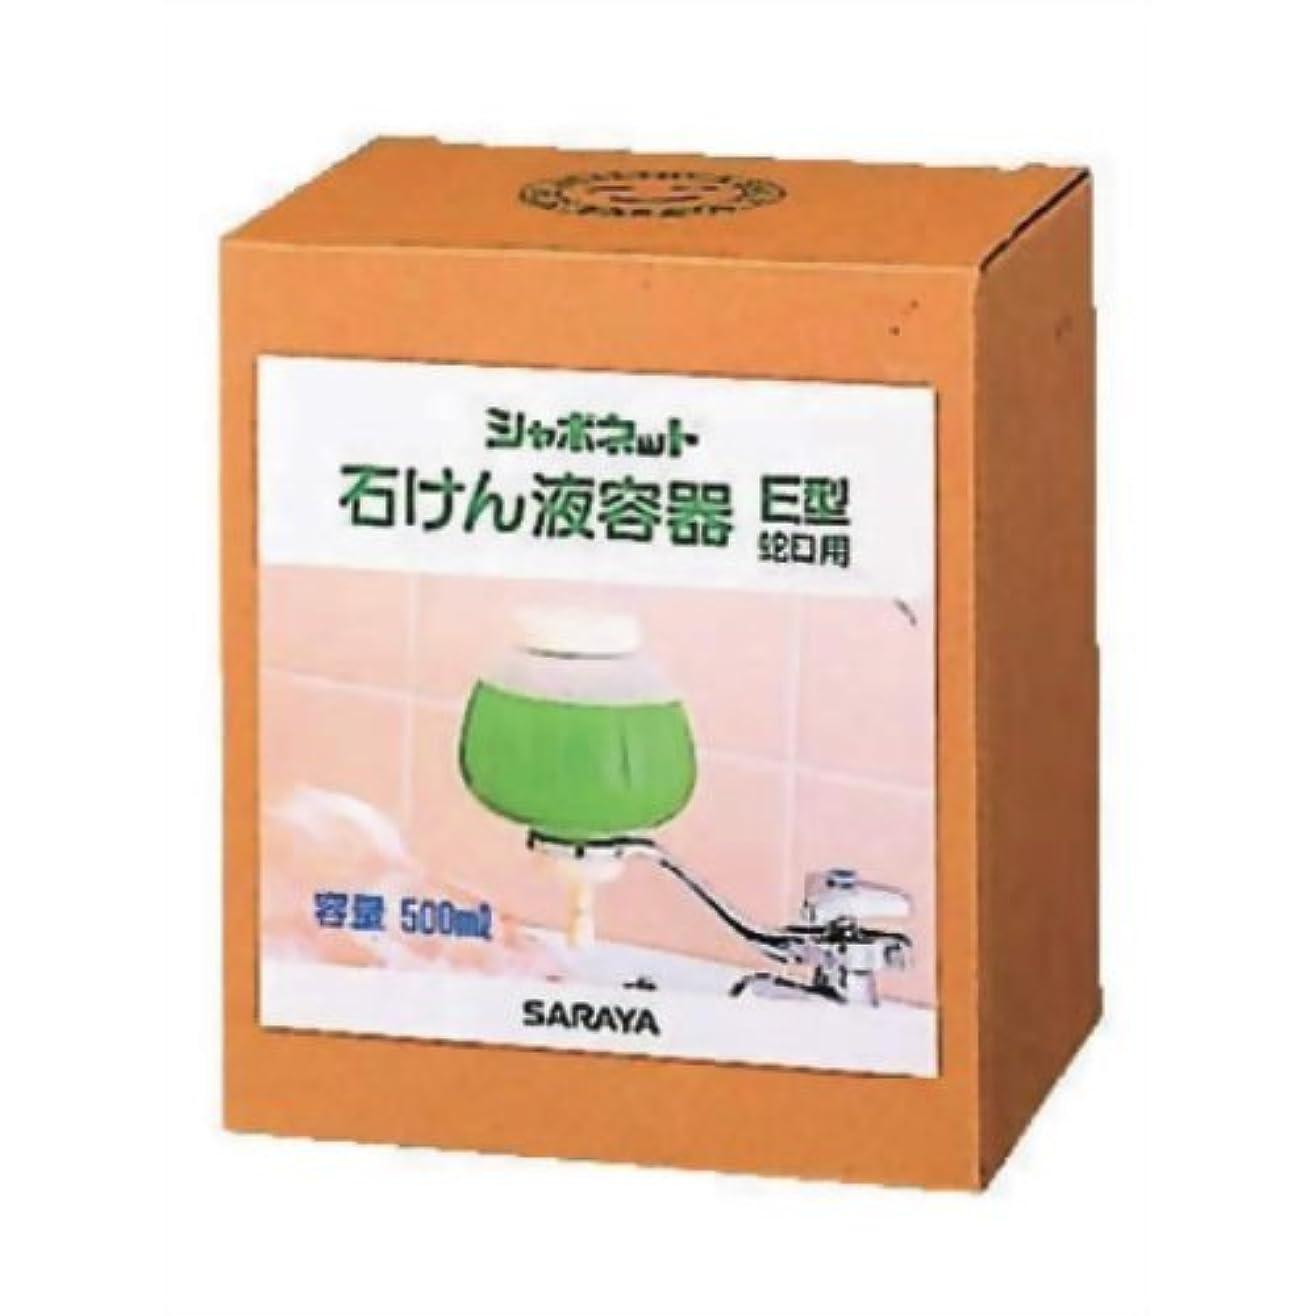 マインドフル境界試みるシャボネット石鹸液容器 500mLE型蛇口用 21450/63828559 サラヤ